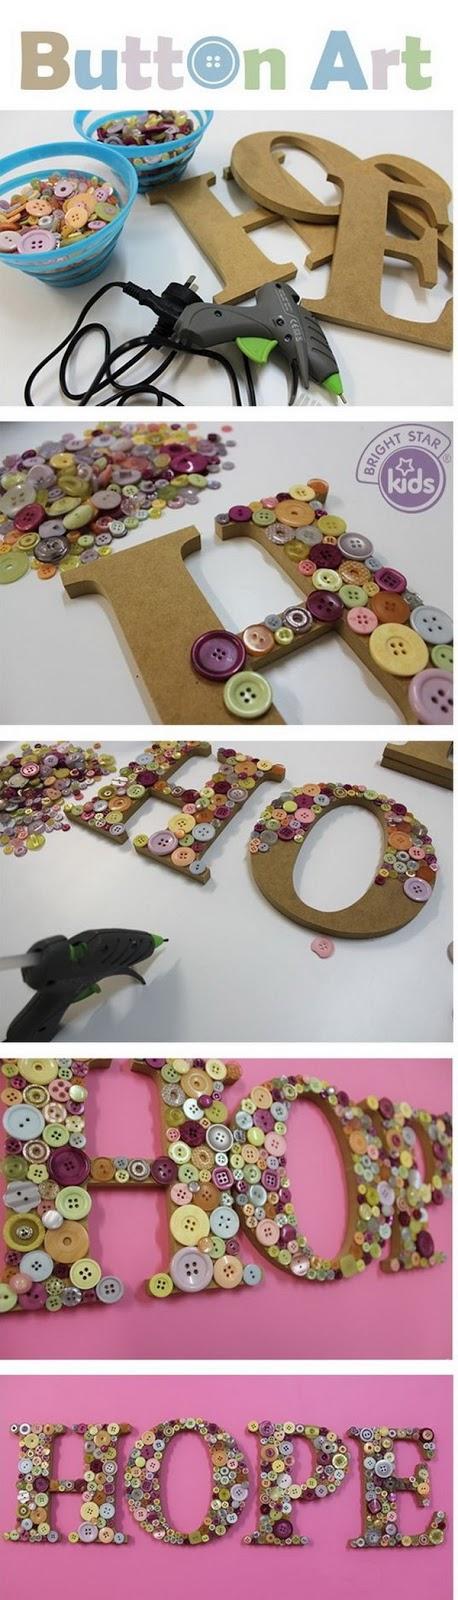 Aperfeiçoe a decoração de festa de aniversário, é muito simples de fazer e extremamente criativo! Veja como montar o alfabeto de botão.